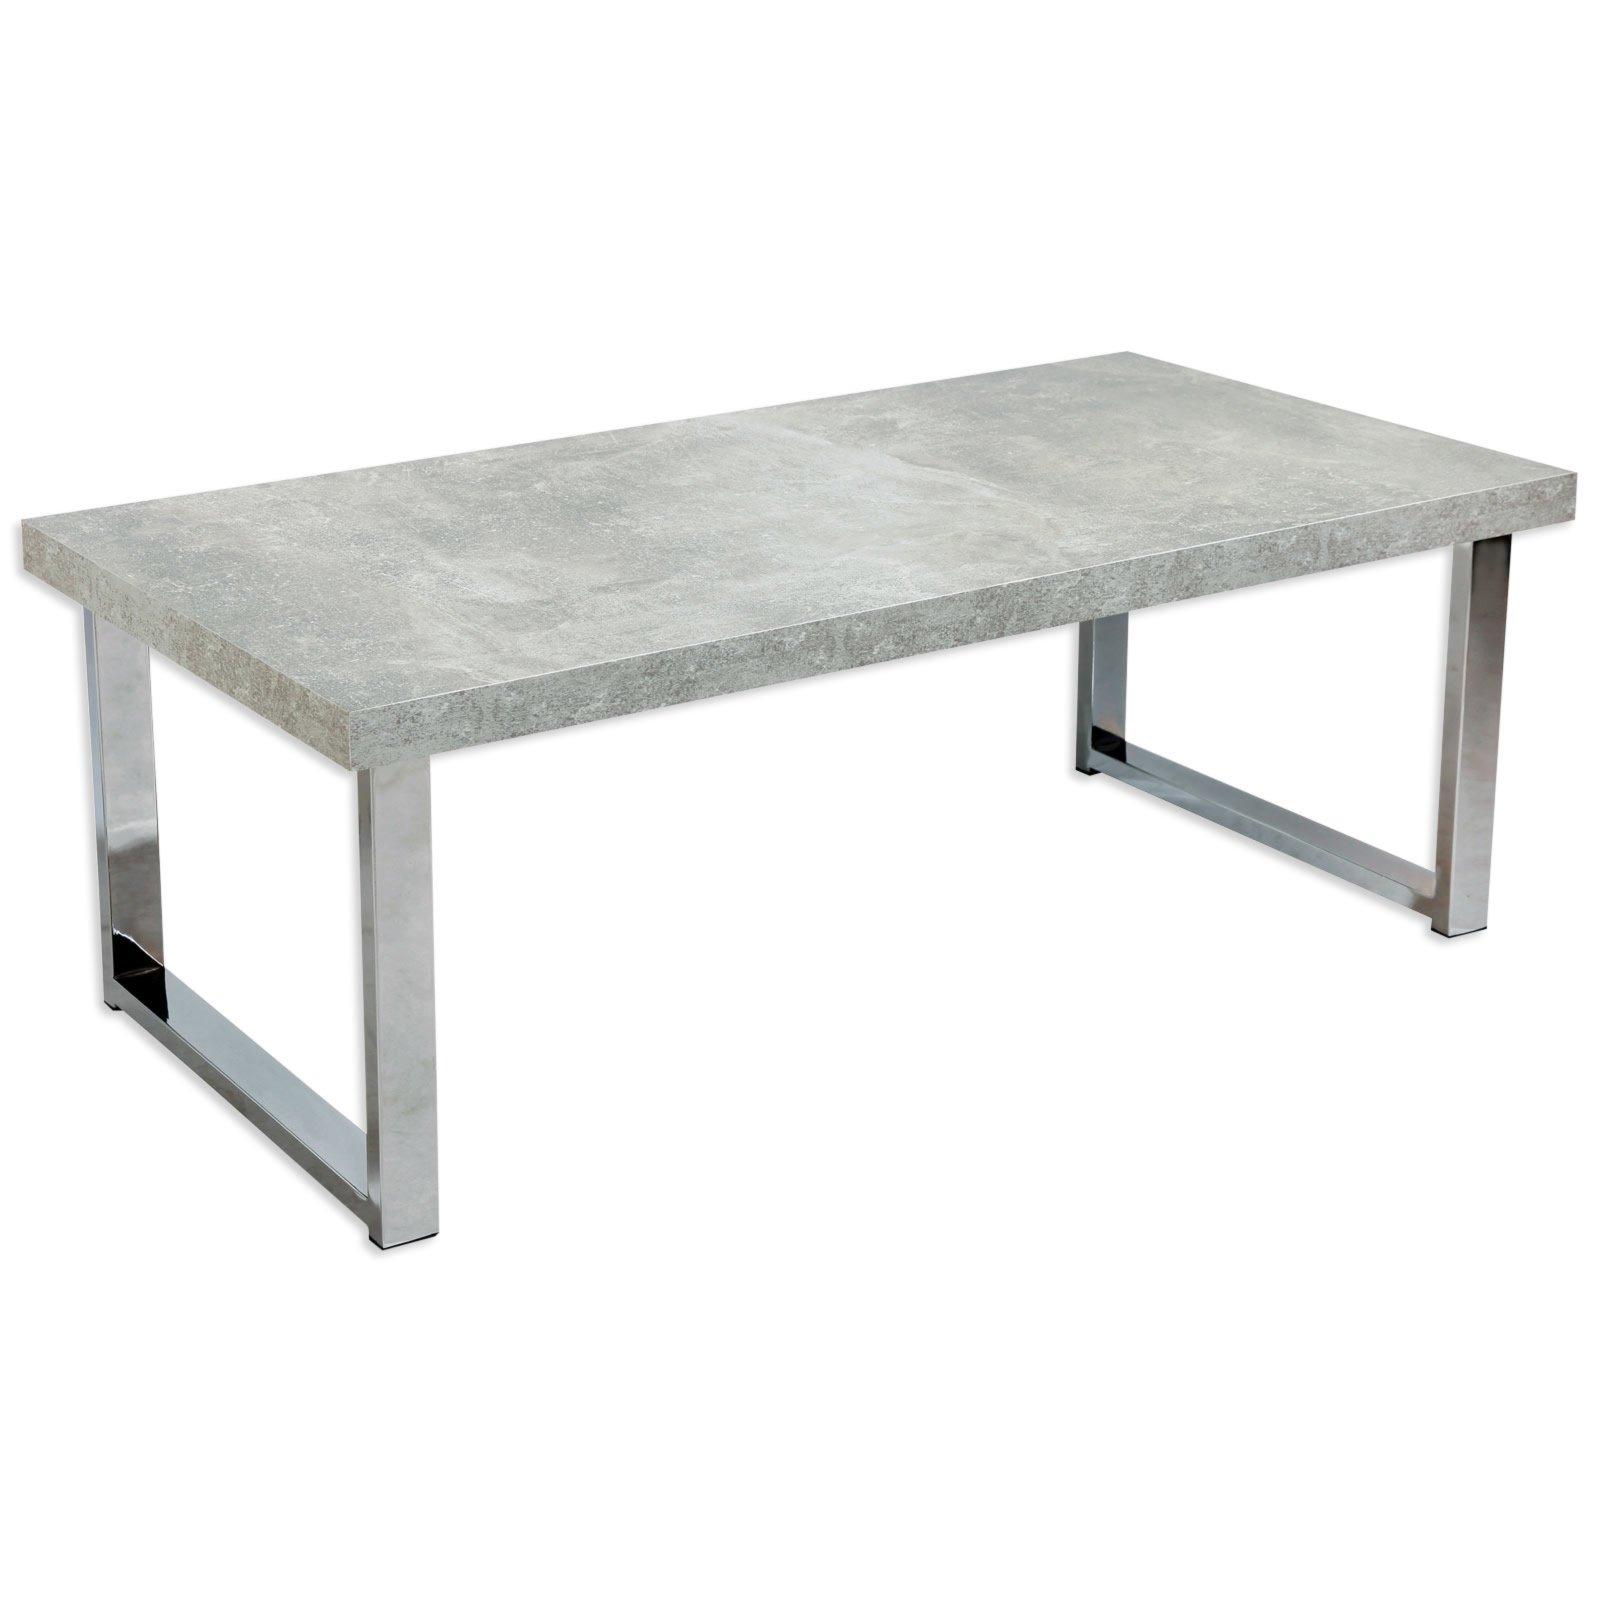 Couchtisch simon beton 100 cm breit couchtische for Couchtisch 50 cm breit